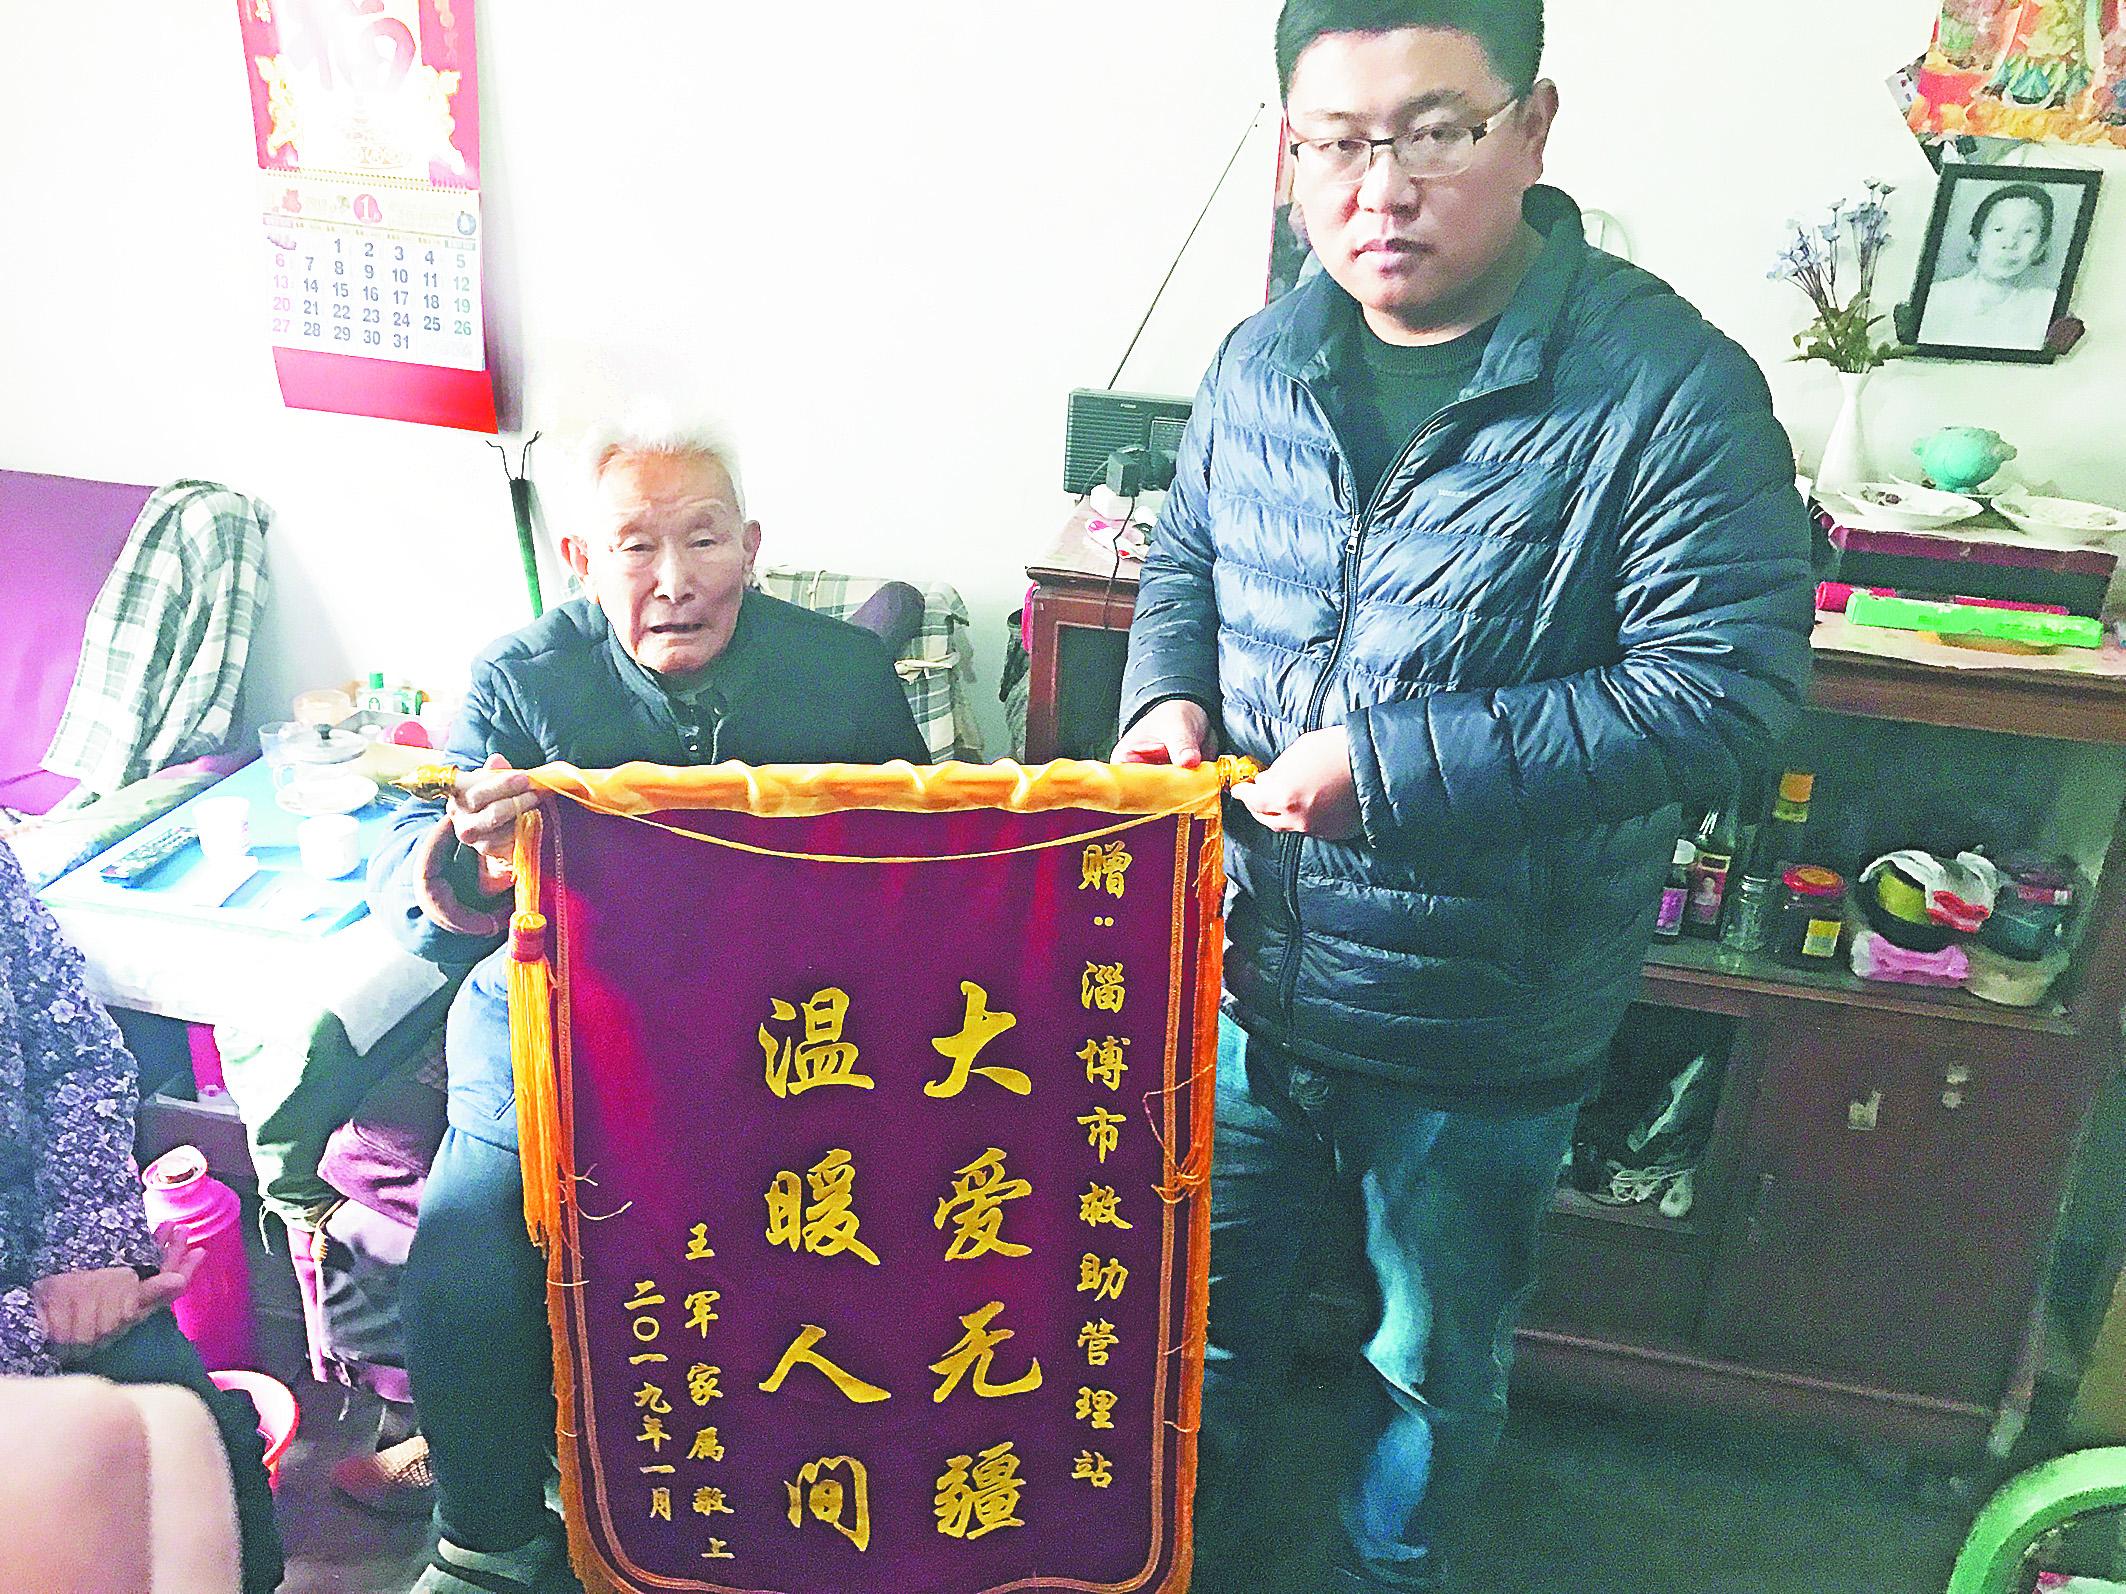 走失两年 济南68岁女子从淄博被送回家